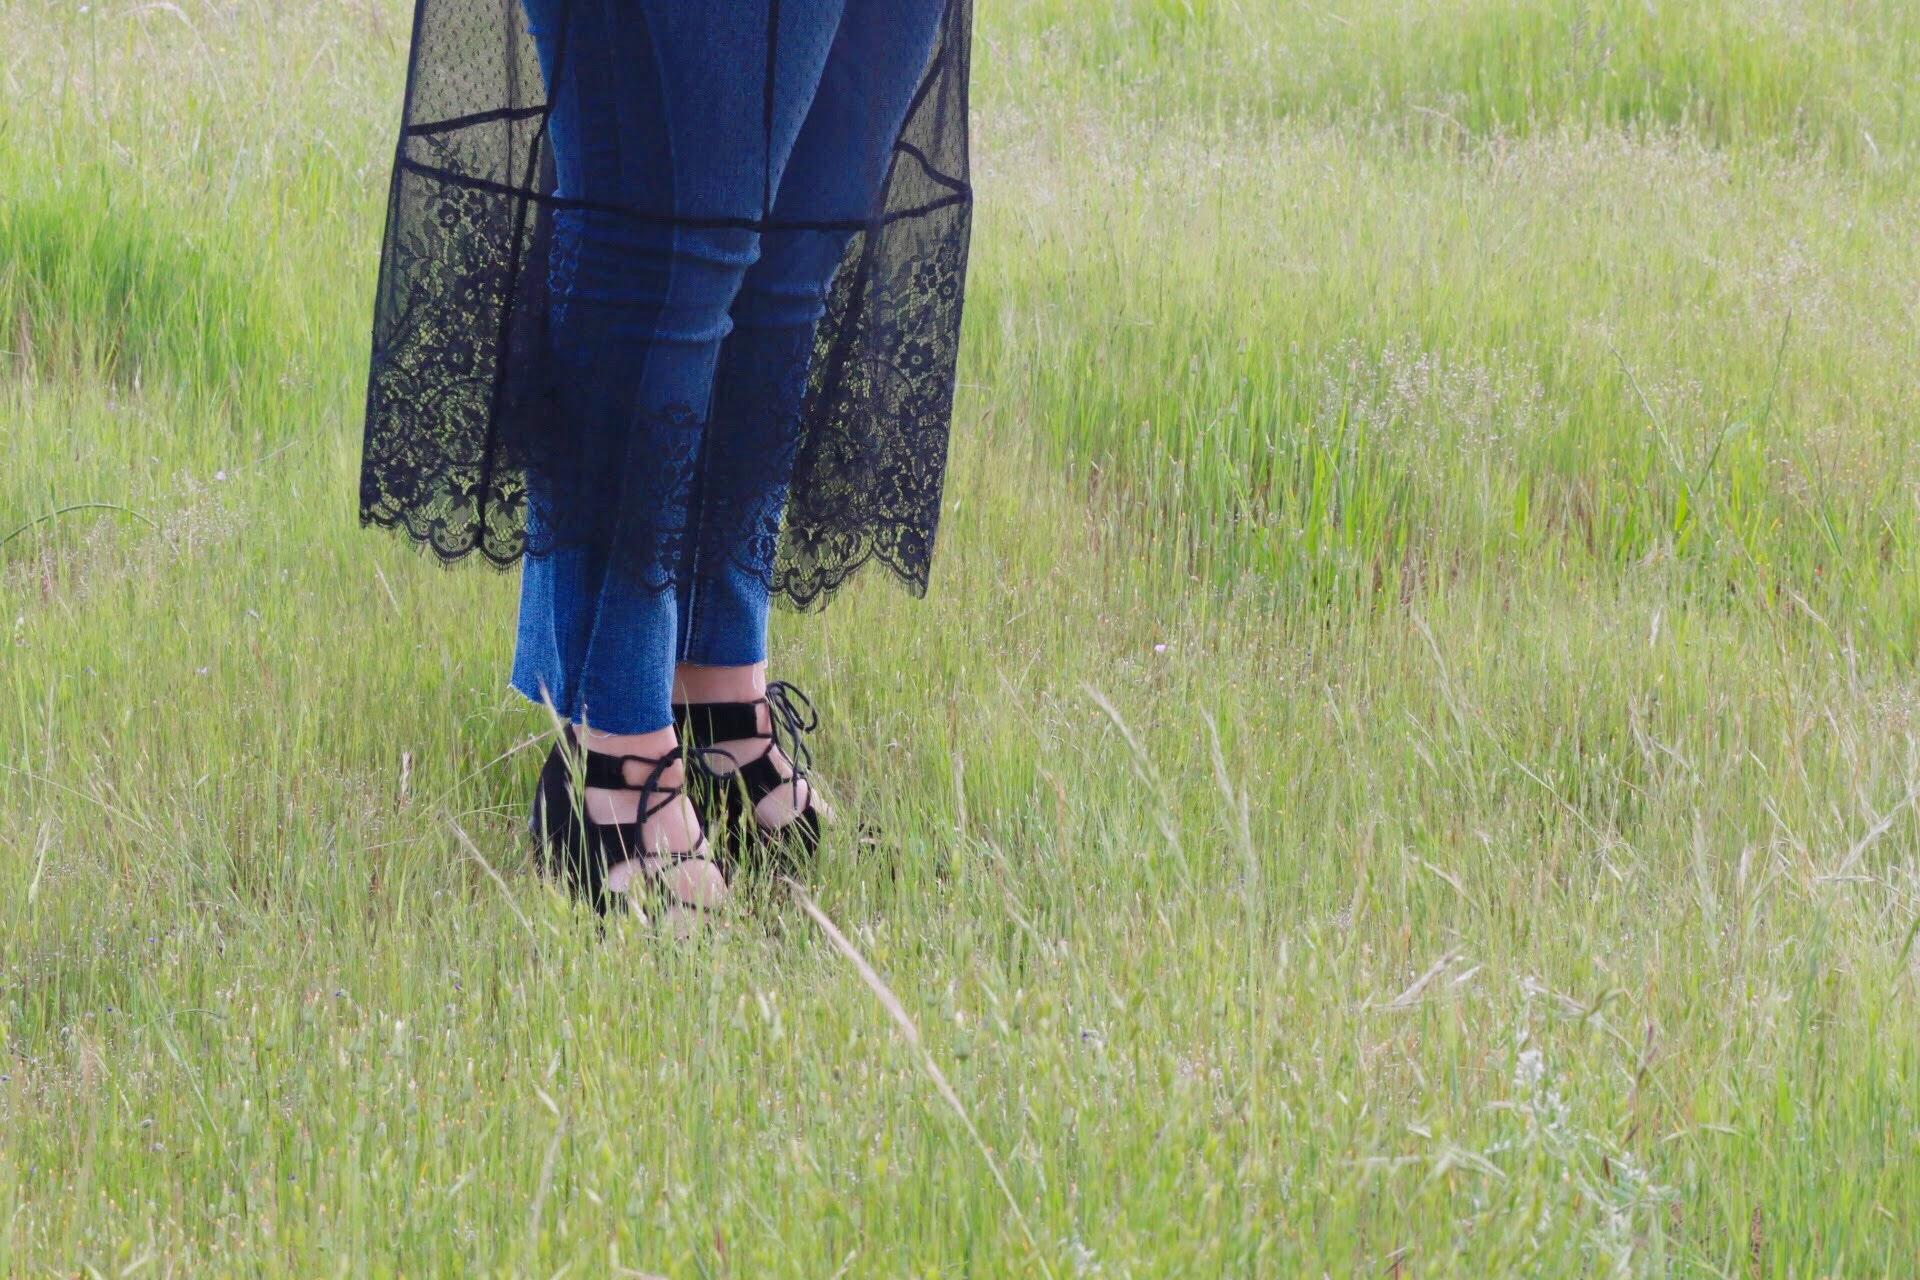 Platform Shoes and Lace Details